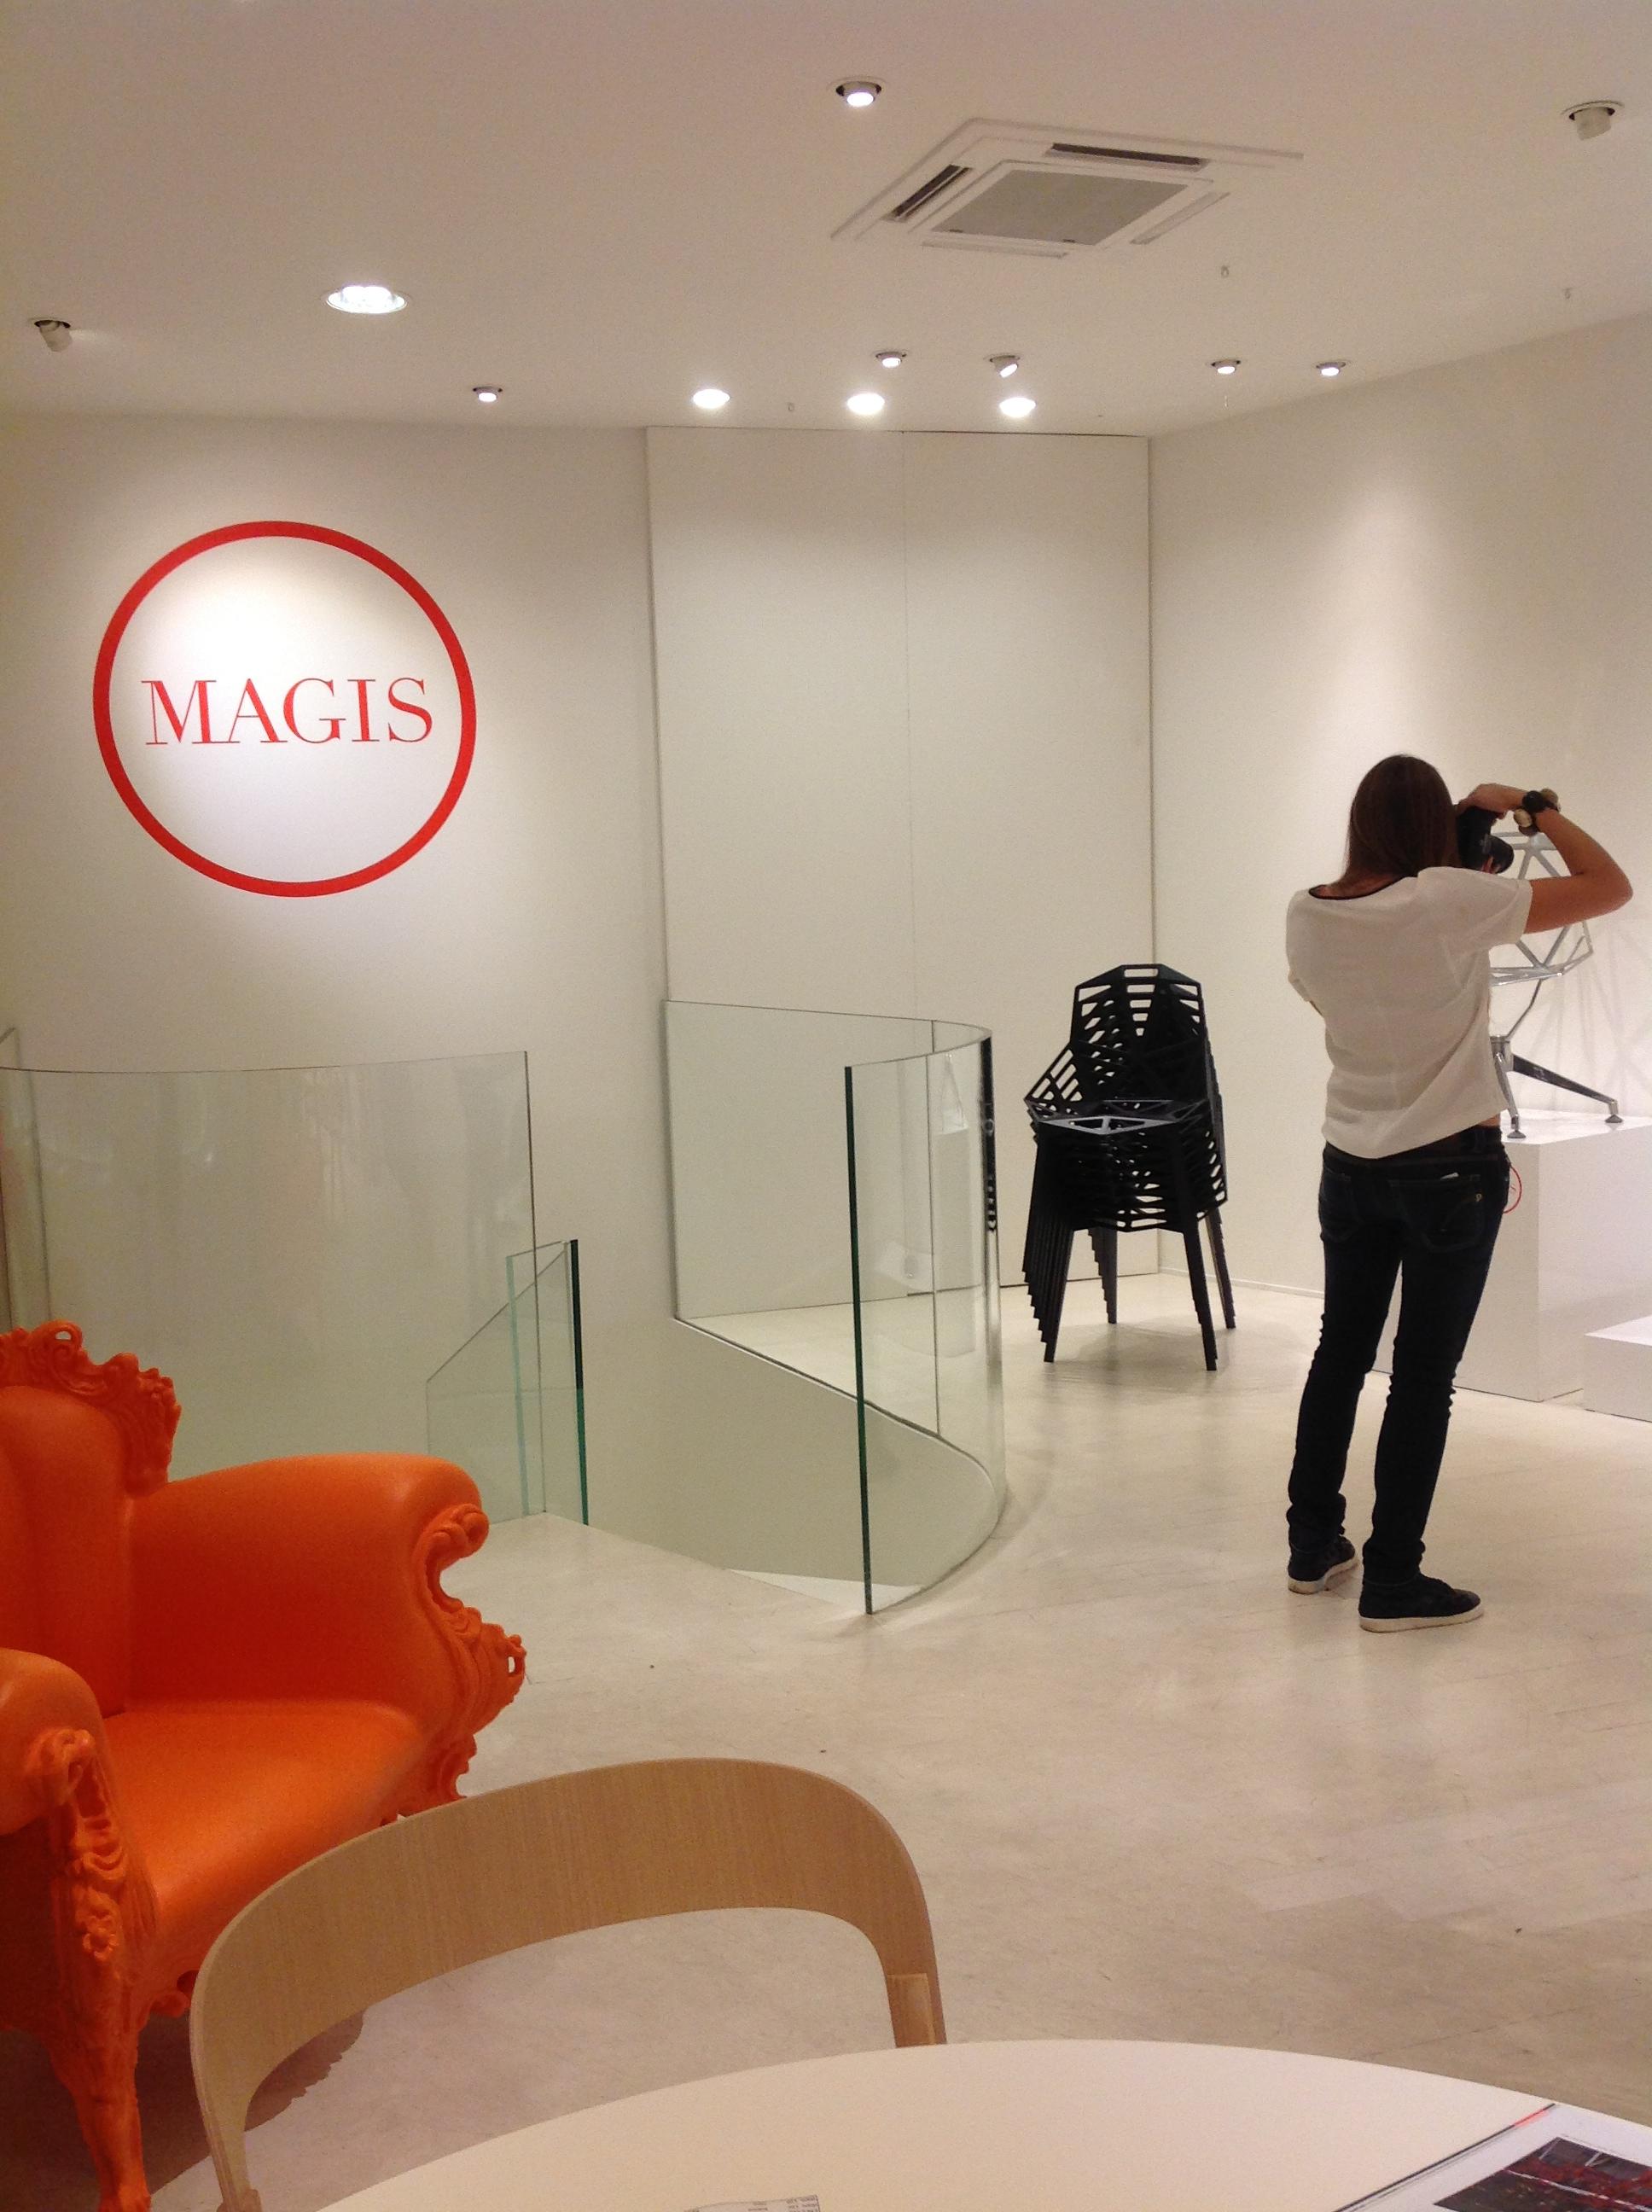 Magis is magic lost in design for Magis design